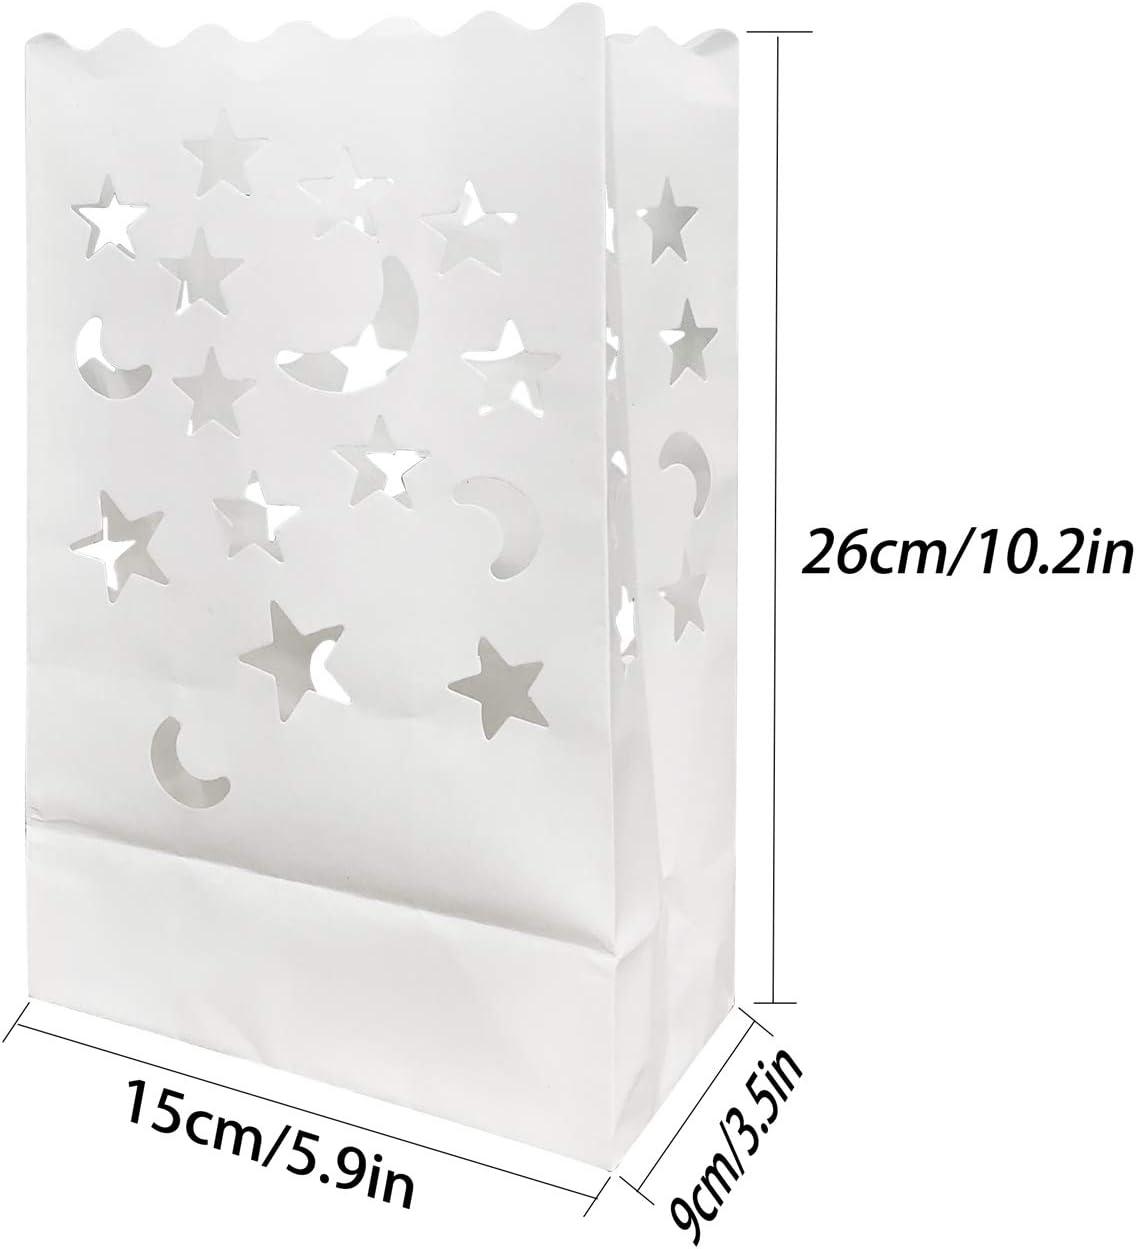 JJQHYC Candele luminarie,30 Confezioni Candele Lanterna di Carta Borse Bianche per ricevimento di Nozze Decorazione di Feste ed Eventi.